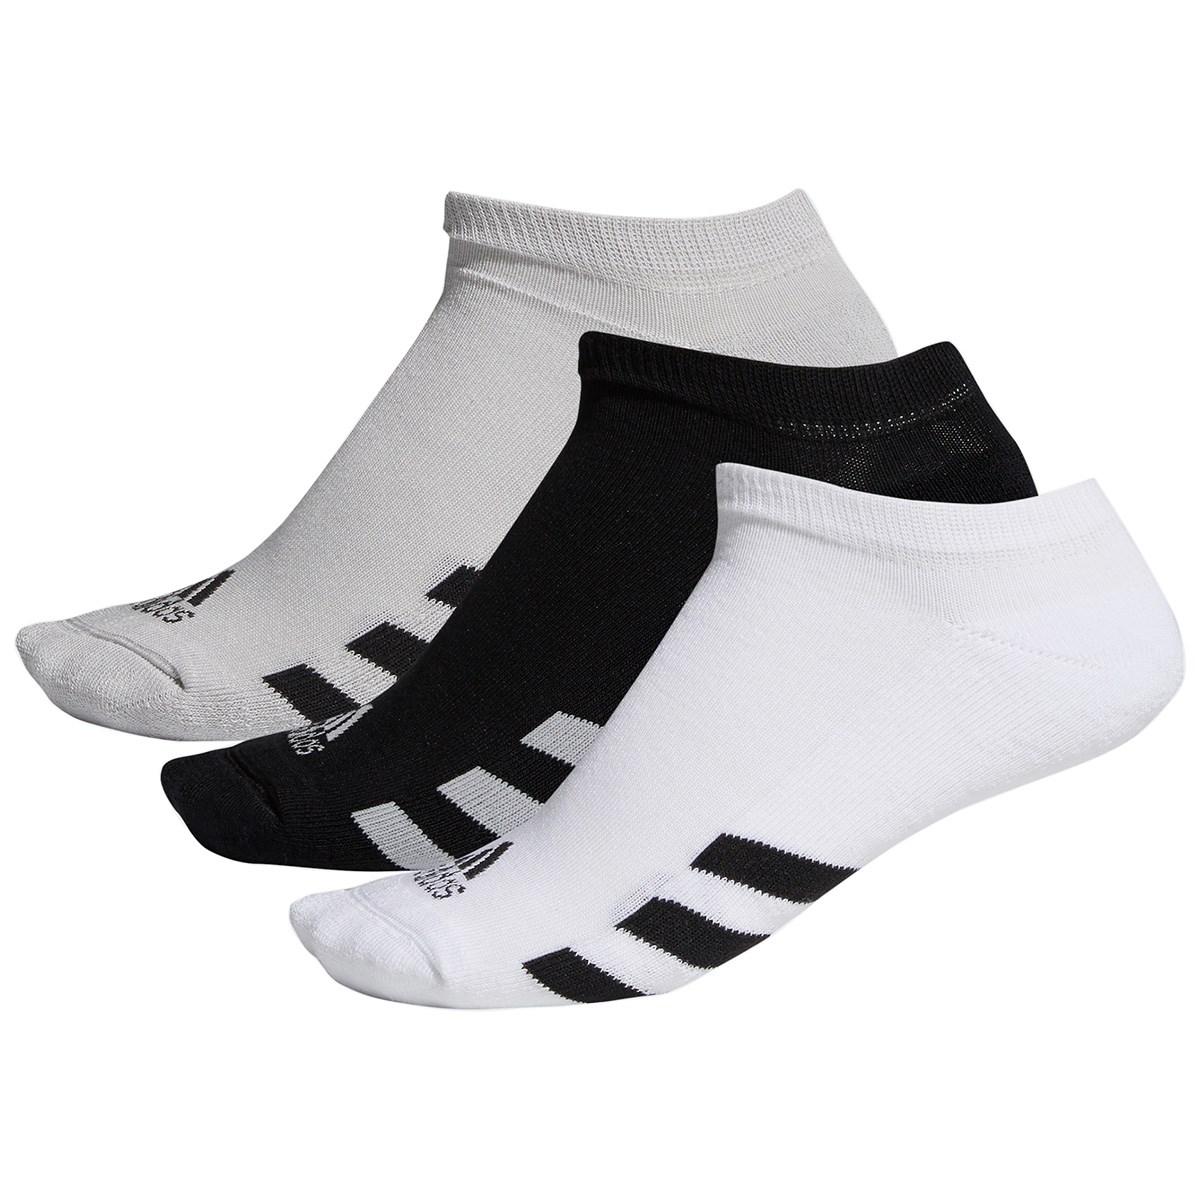 アディダス Adidas ゴルフローカットソックス 3足セット フリー ブラック/グレー/ホワイト